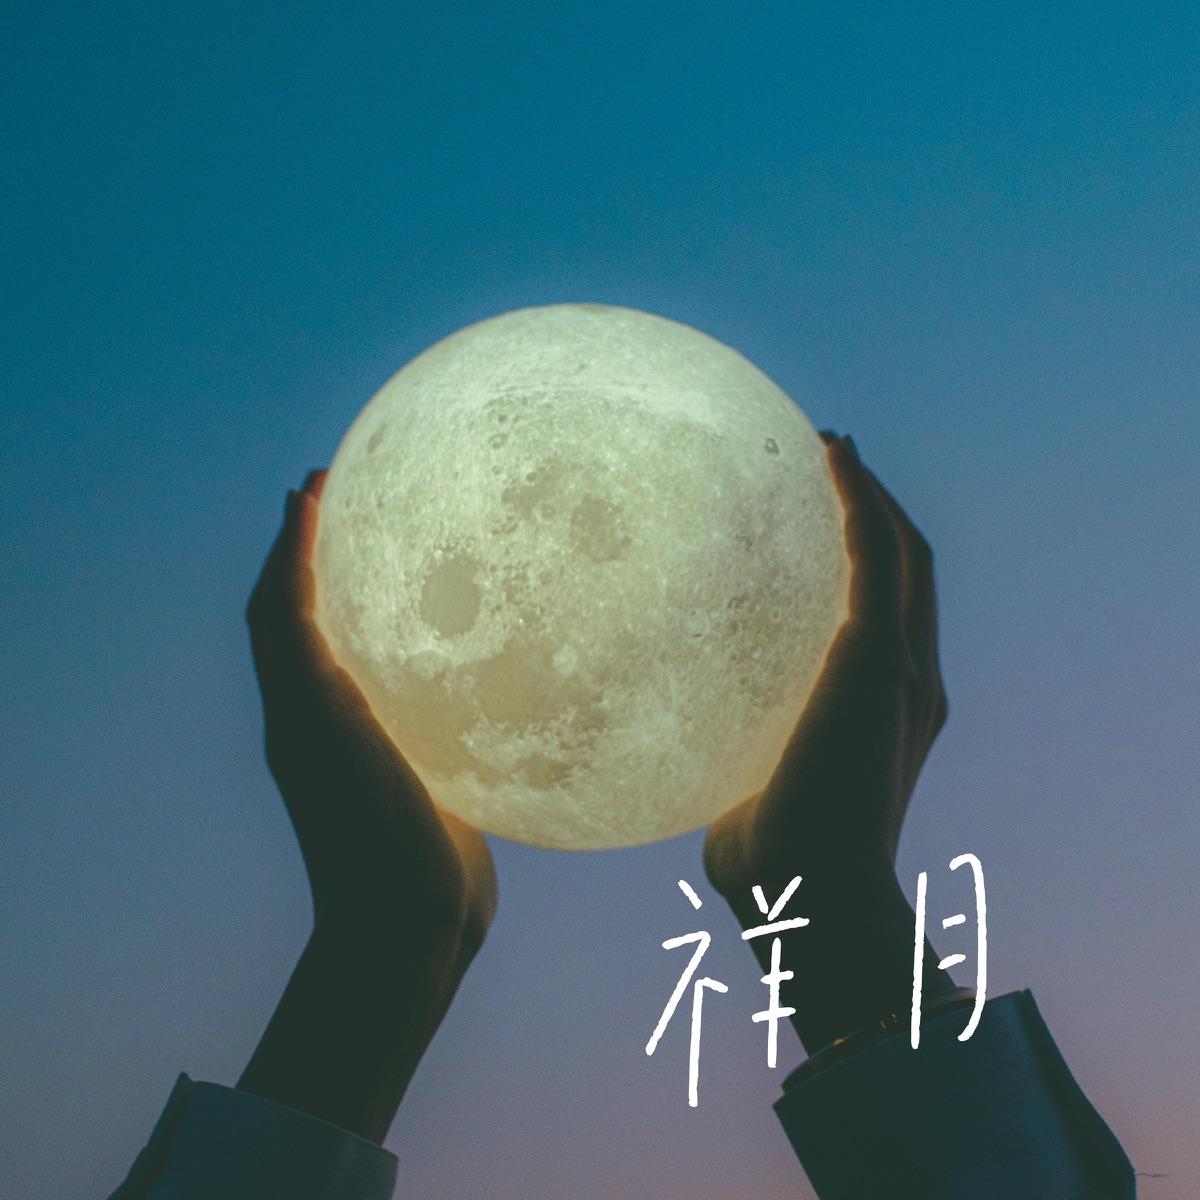 『あたらよ - 祥月』収録の『祥月』ジャケット